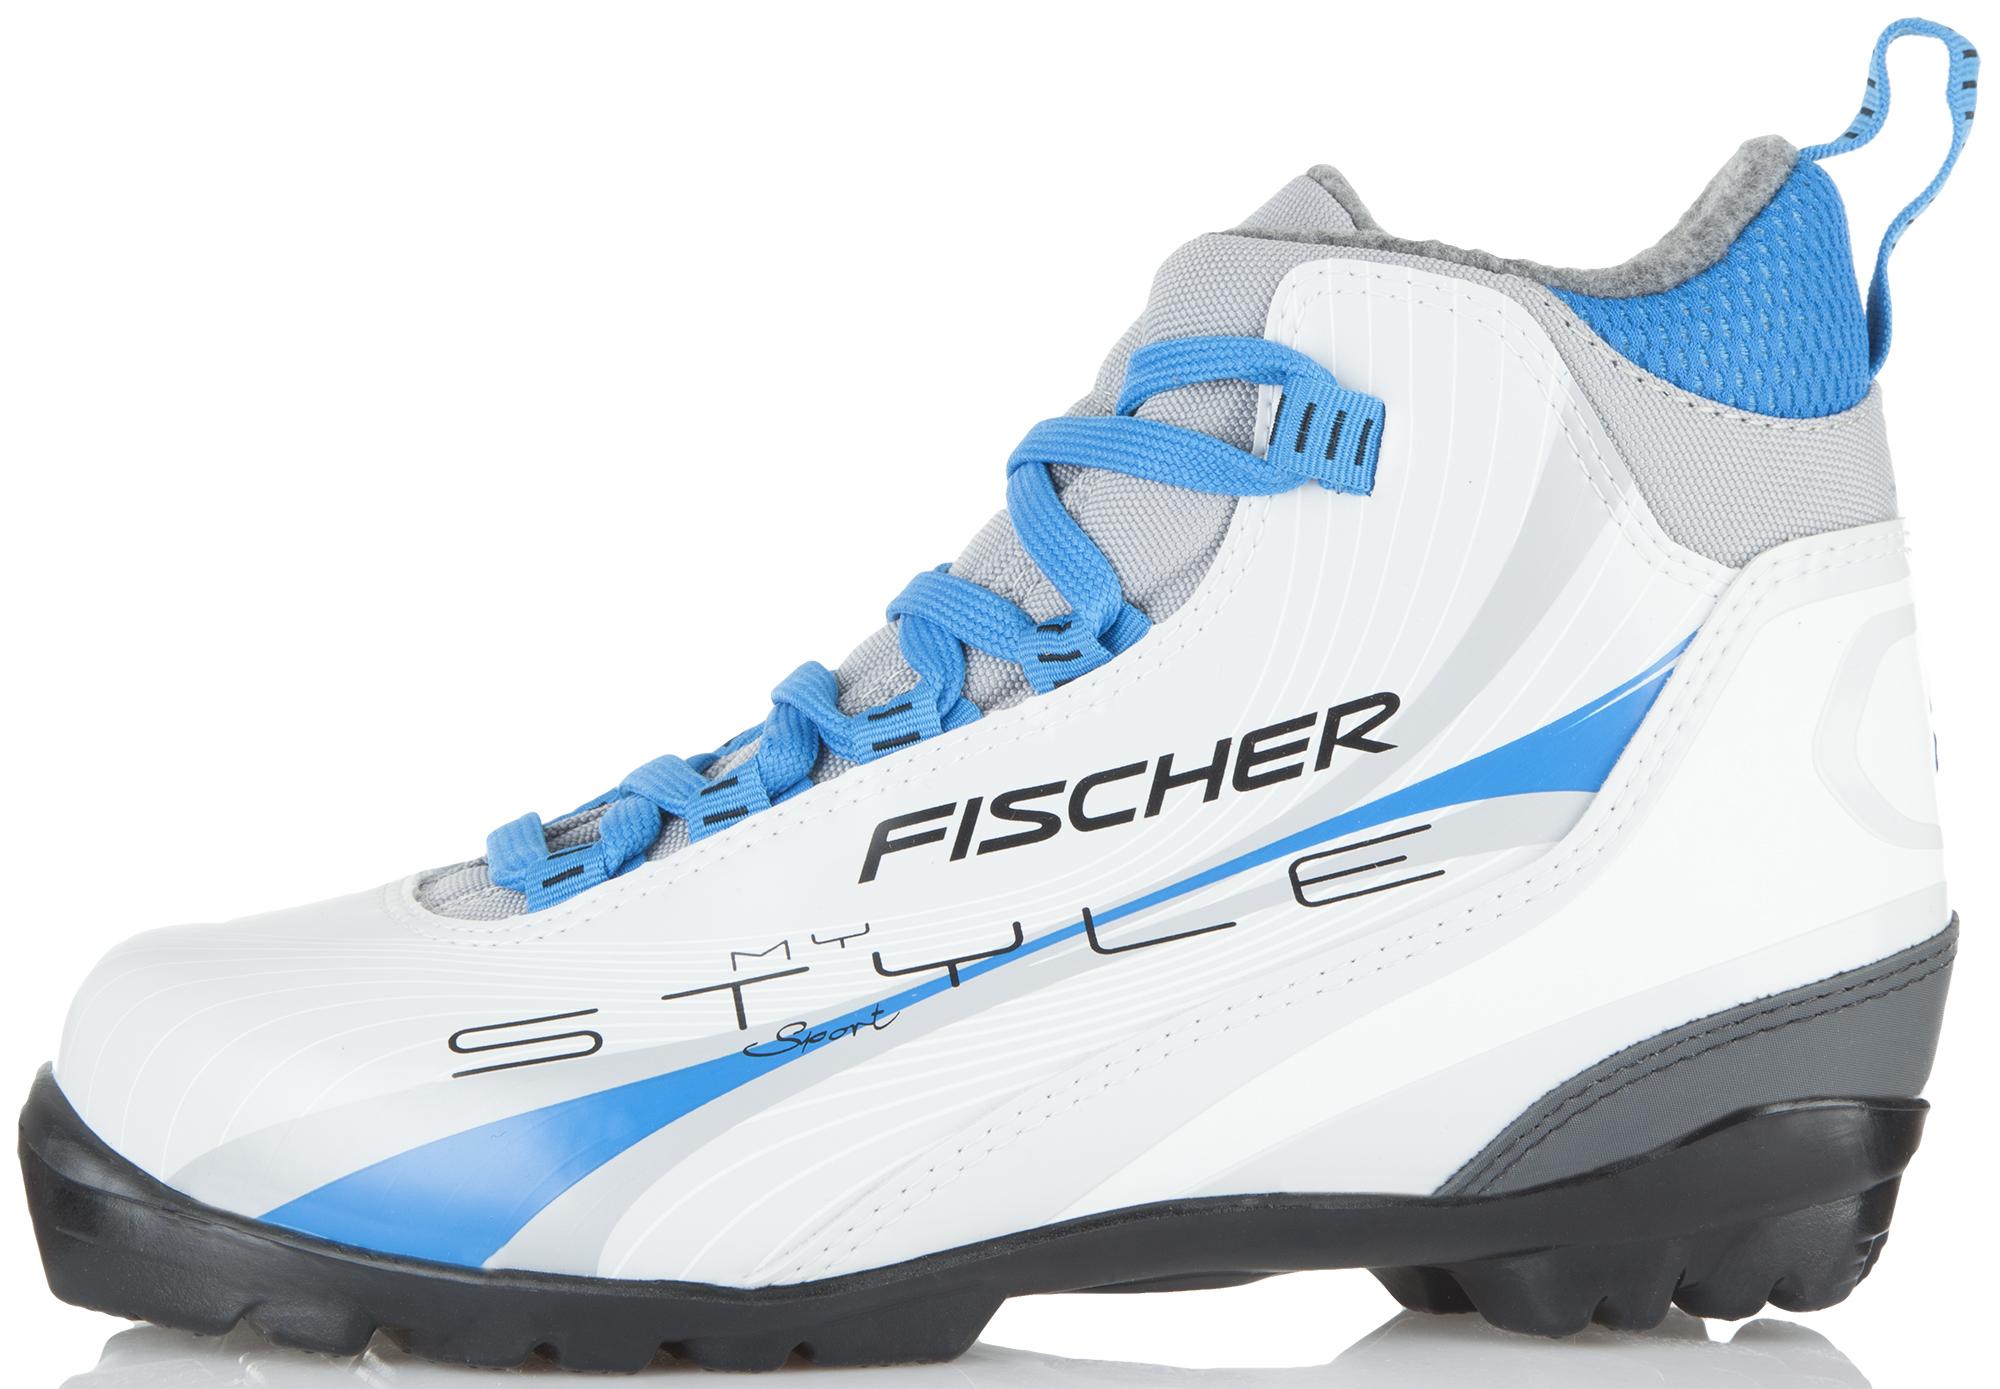 Fischer Ботинки для беговых лыж женские Fischer XC Sport Blue My Style, размер 40 fischer ботинки для беговых лыж женские fischer xc comfort my style sm размер 42